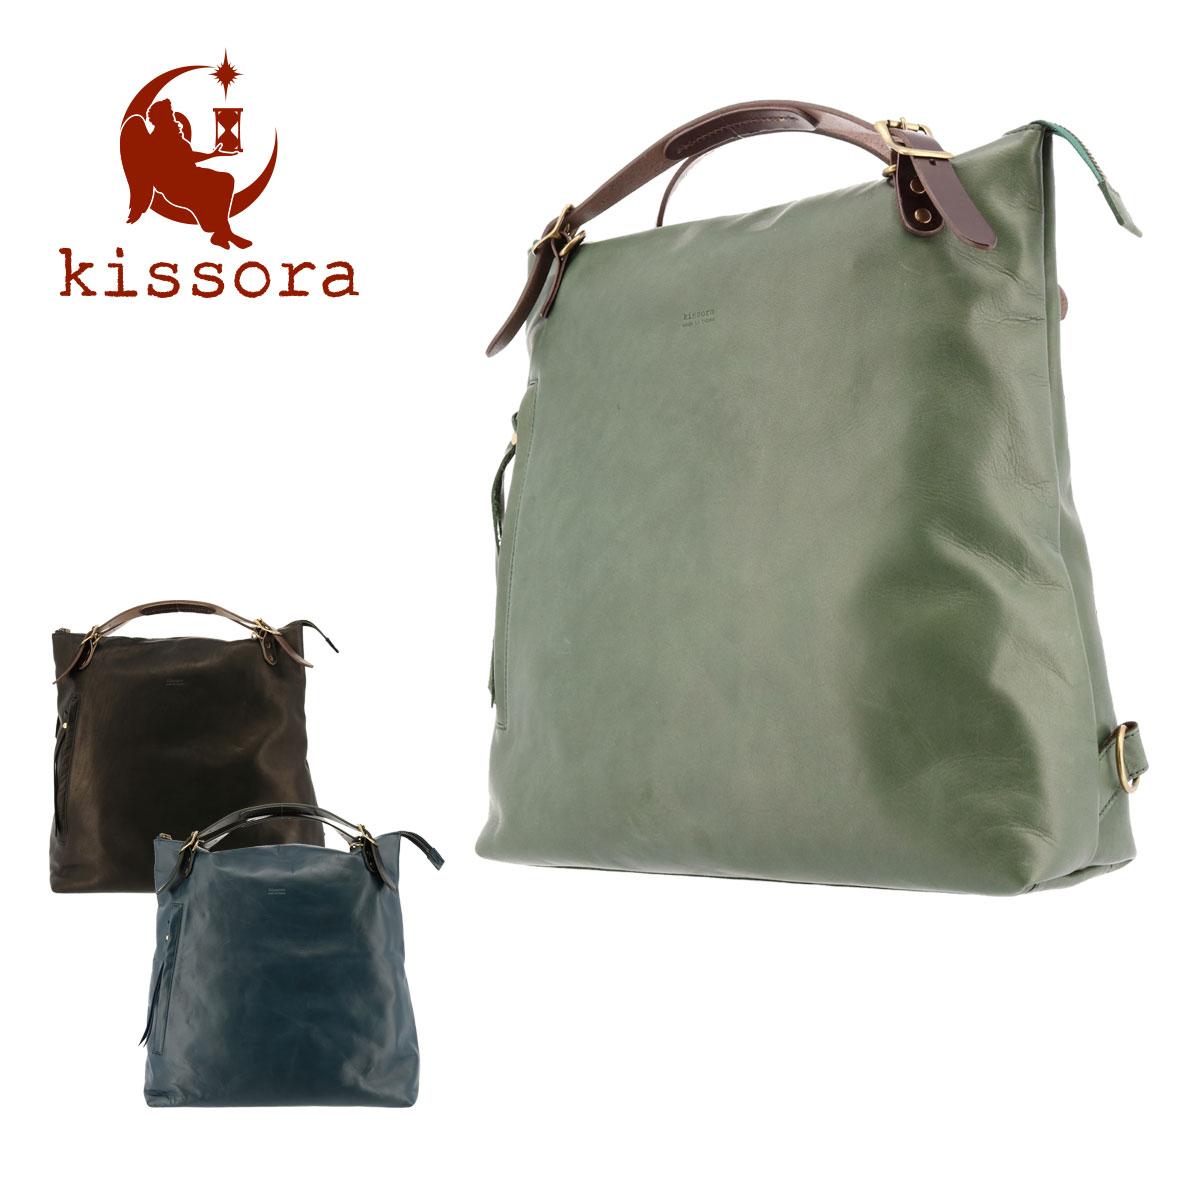 リュック 本革 kissora キソラ KILD-020 Lサイズ ホースタンニン 2WAY トートバッグ レザー 日本製 レディース